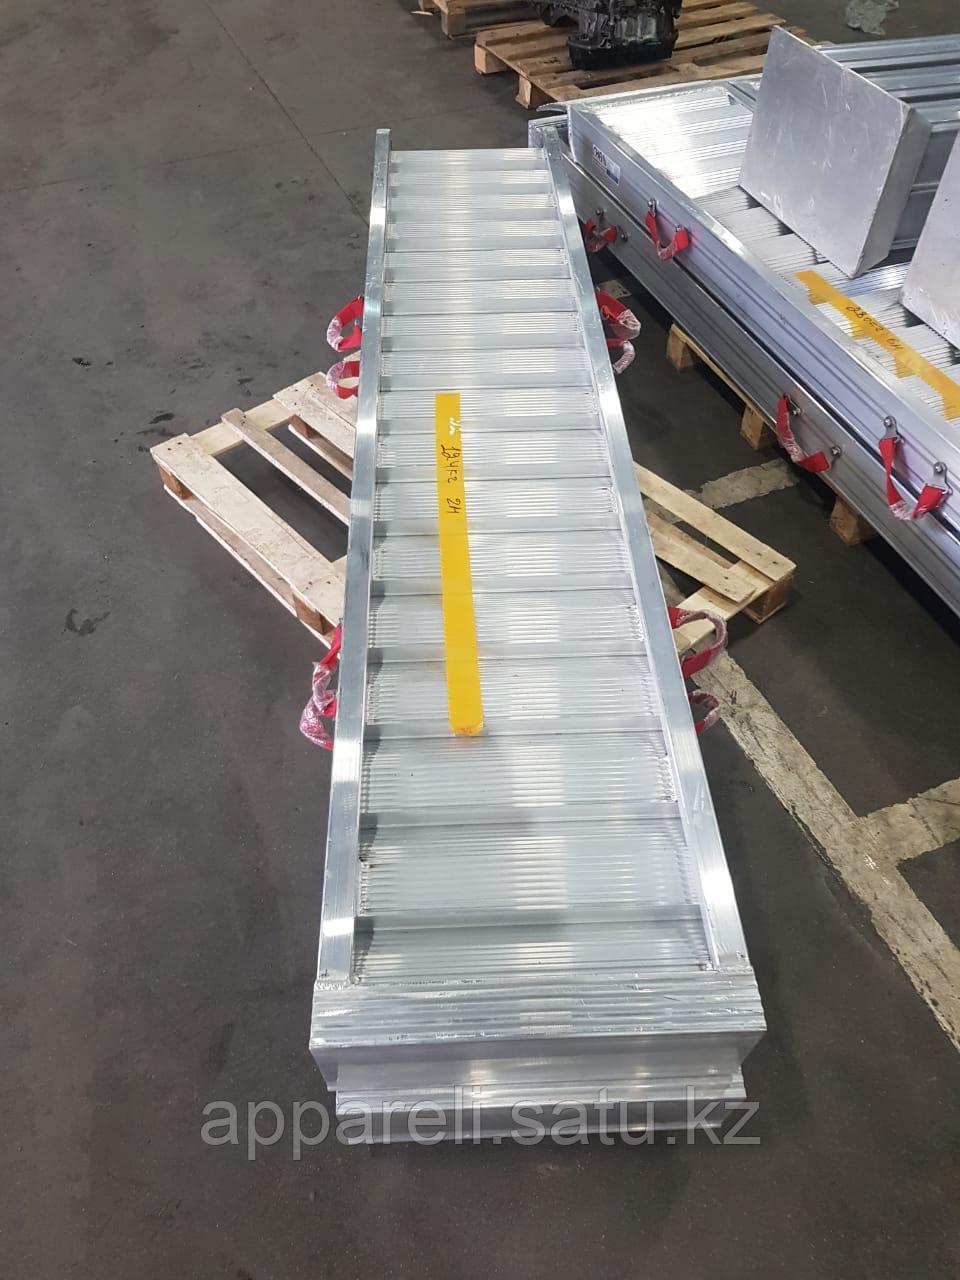 Алюминиевые аппарели с бортами от производителя 2,5 метра, 10 тонн